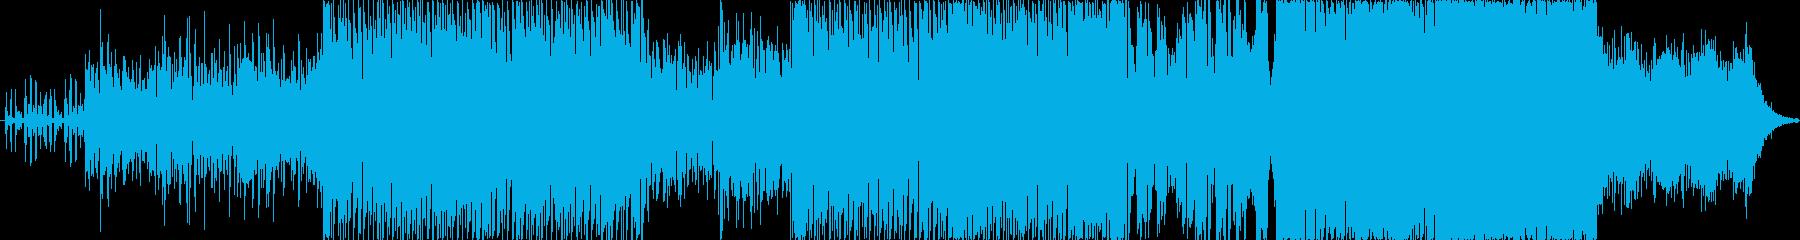 ハウスベースのEDM おしゃれな雰囲気の再生済みの波形